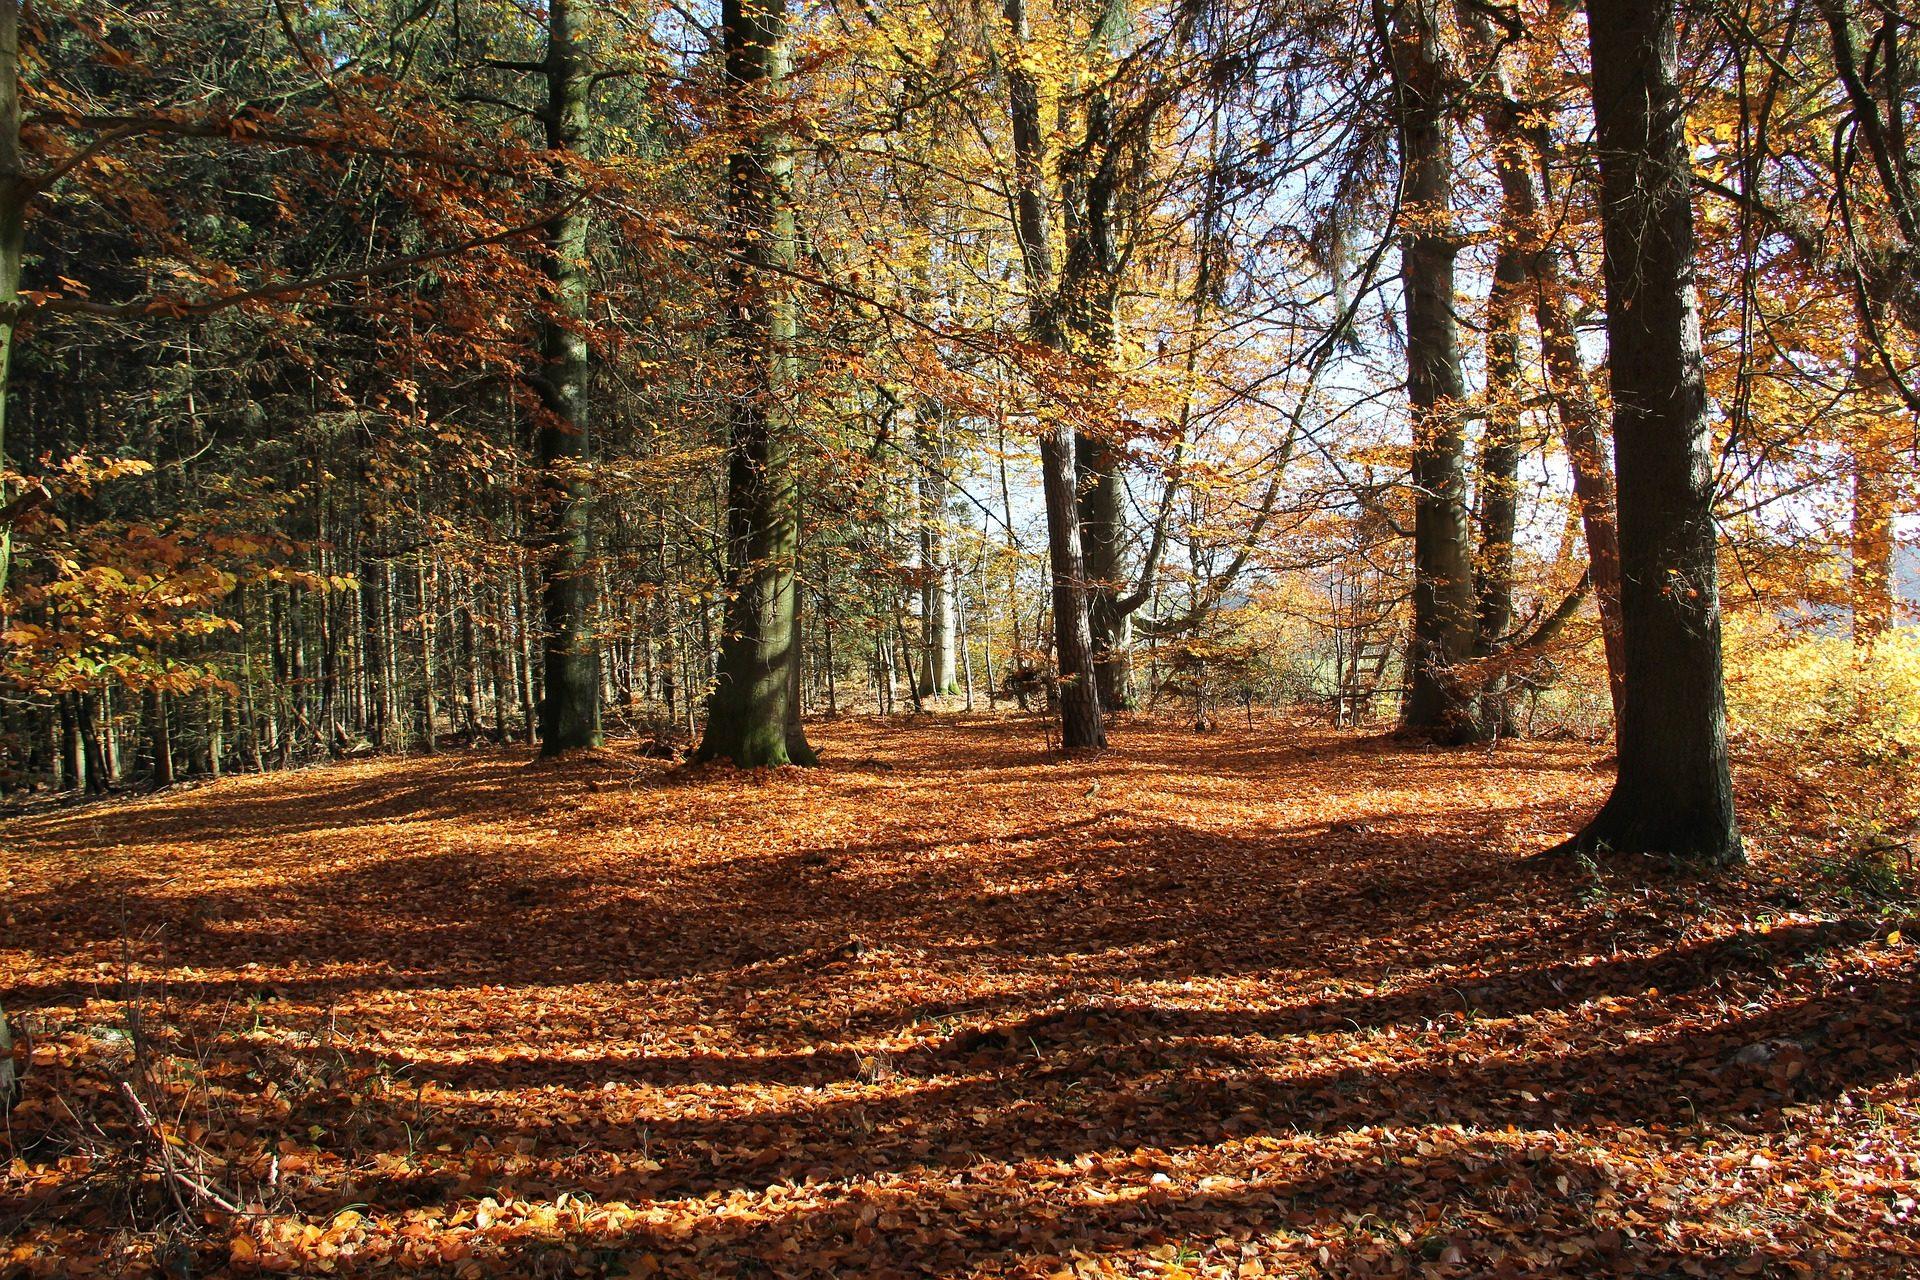 森林, 树木, 秋天, 叶子, 干, 土壤, 数量 - 高清壁纸 - 教授-falken.